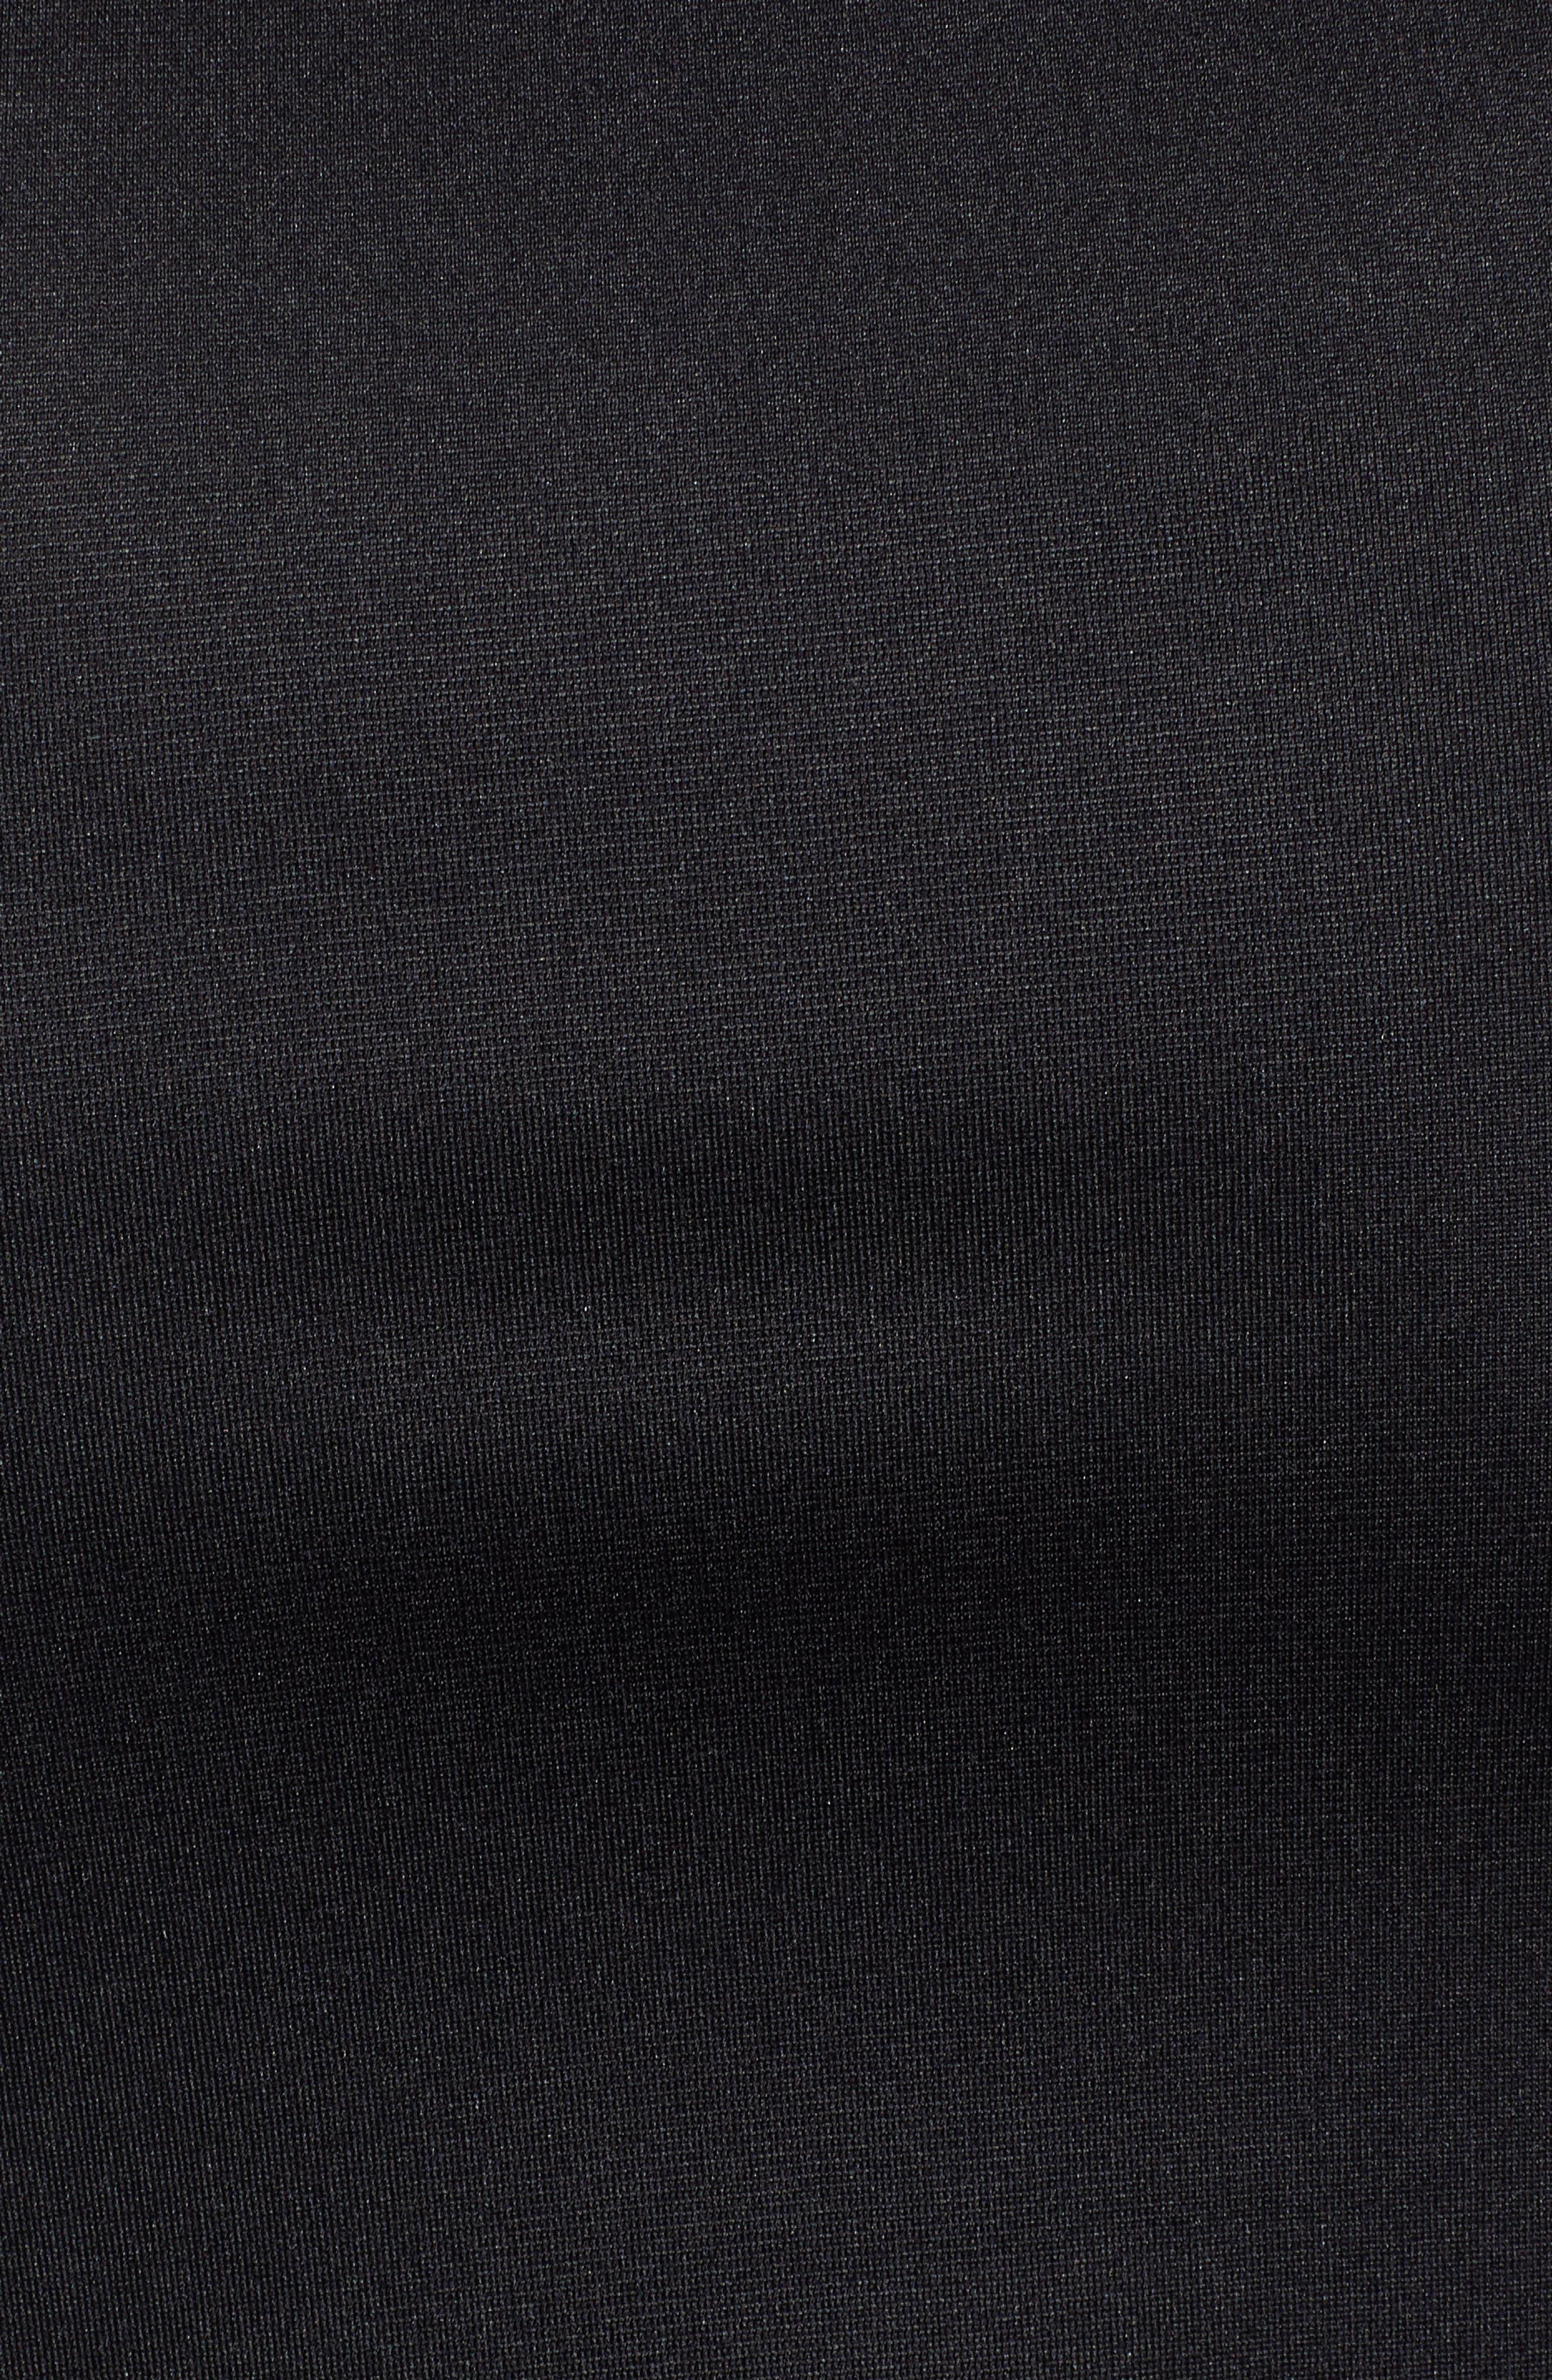 Slim Classic Skirt,                             Alternate thumbnail 6, color,                             001